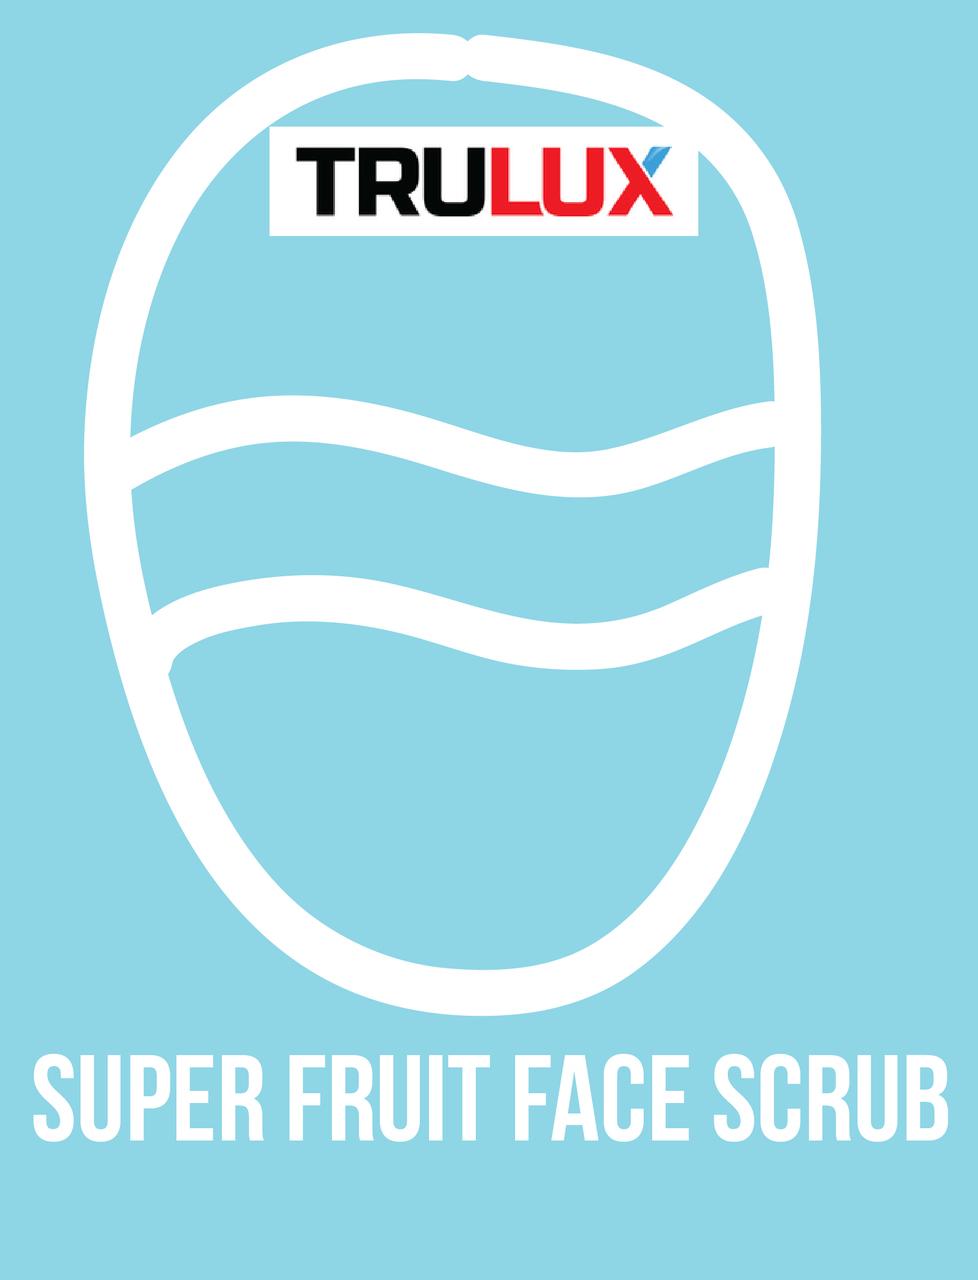 SUPER FRUIT FACE SCRUB